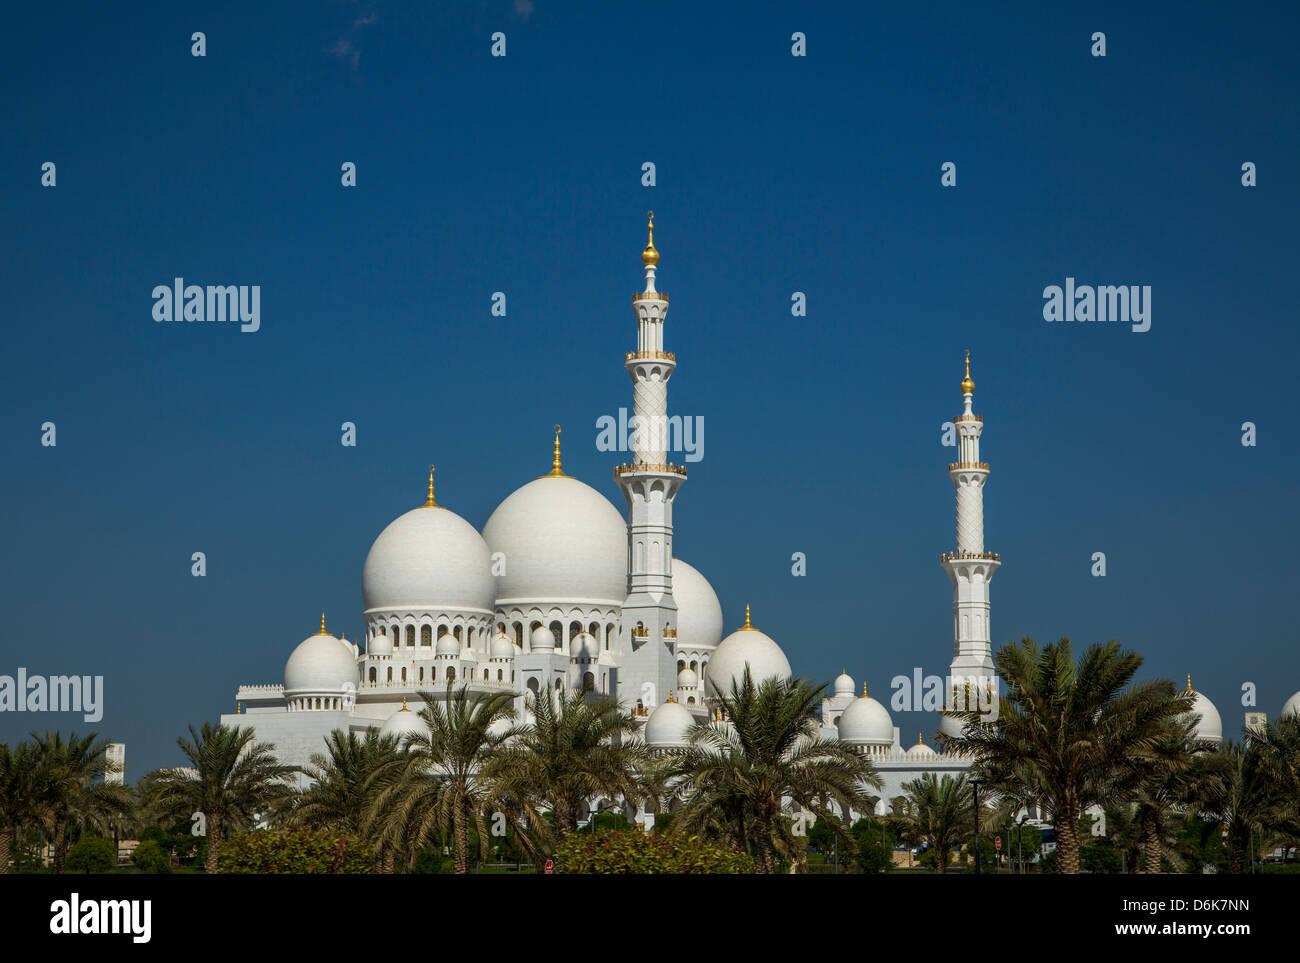 Abu Dhabi, Vereinigte Arabische Emirate, Naher Osten Stockfoto